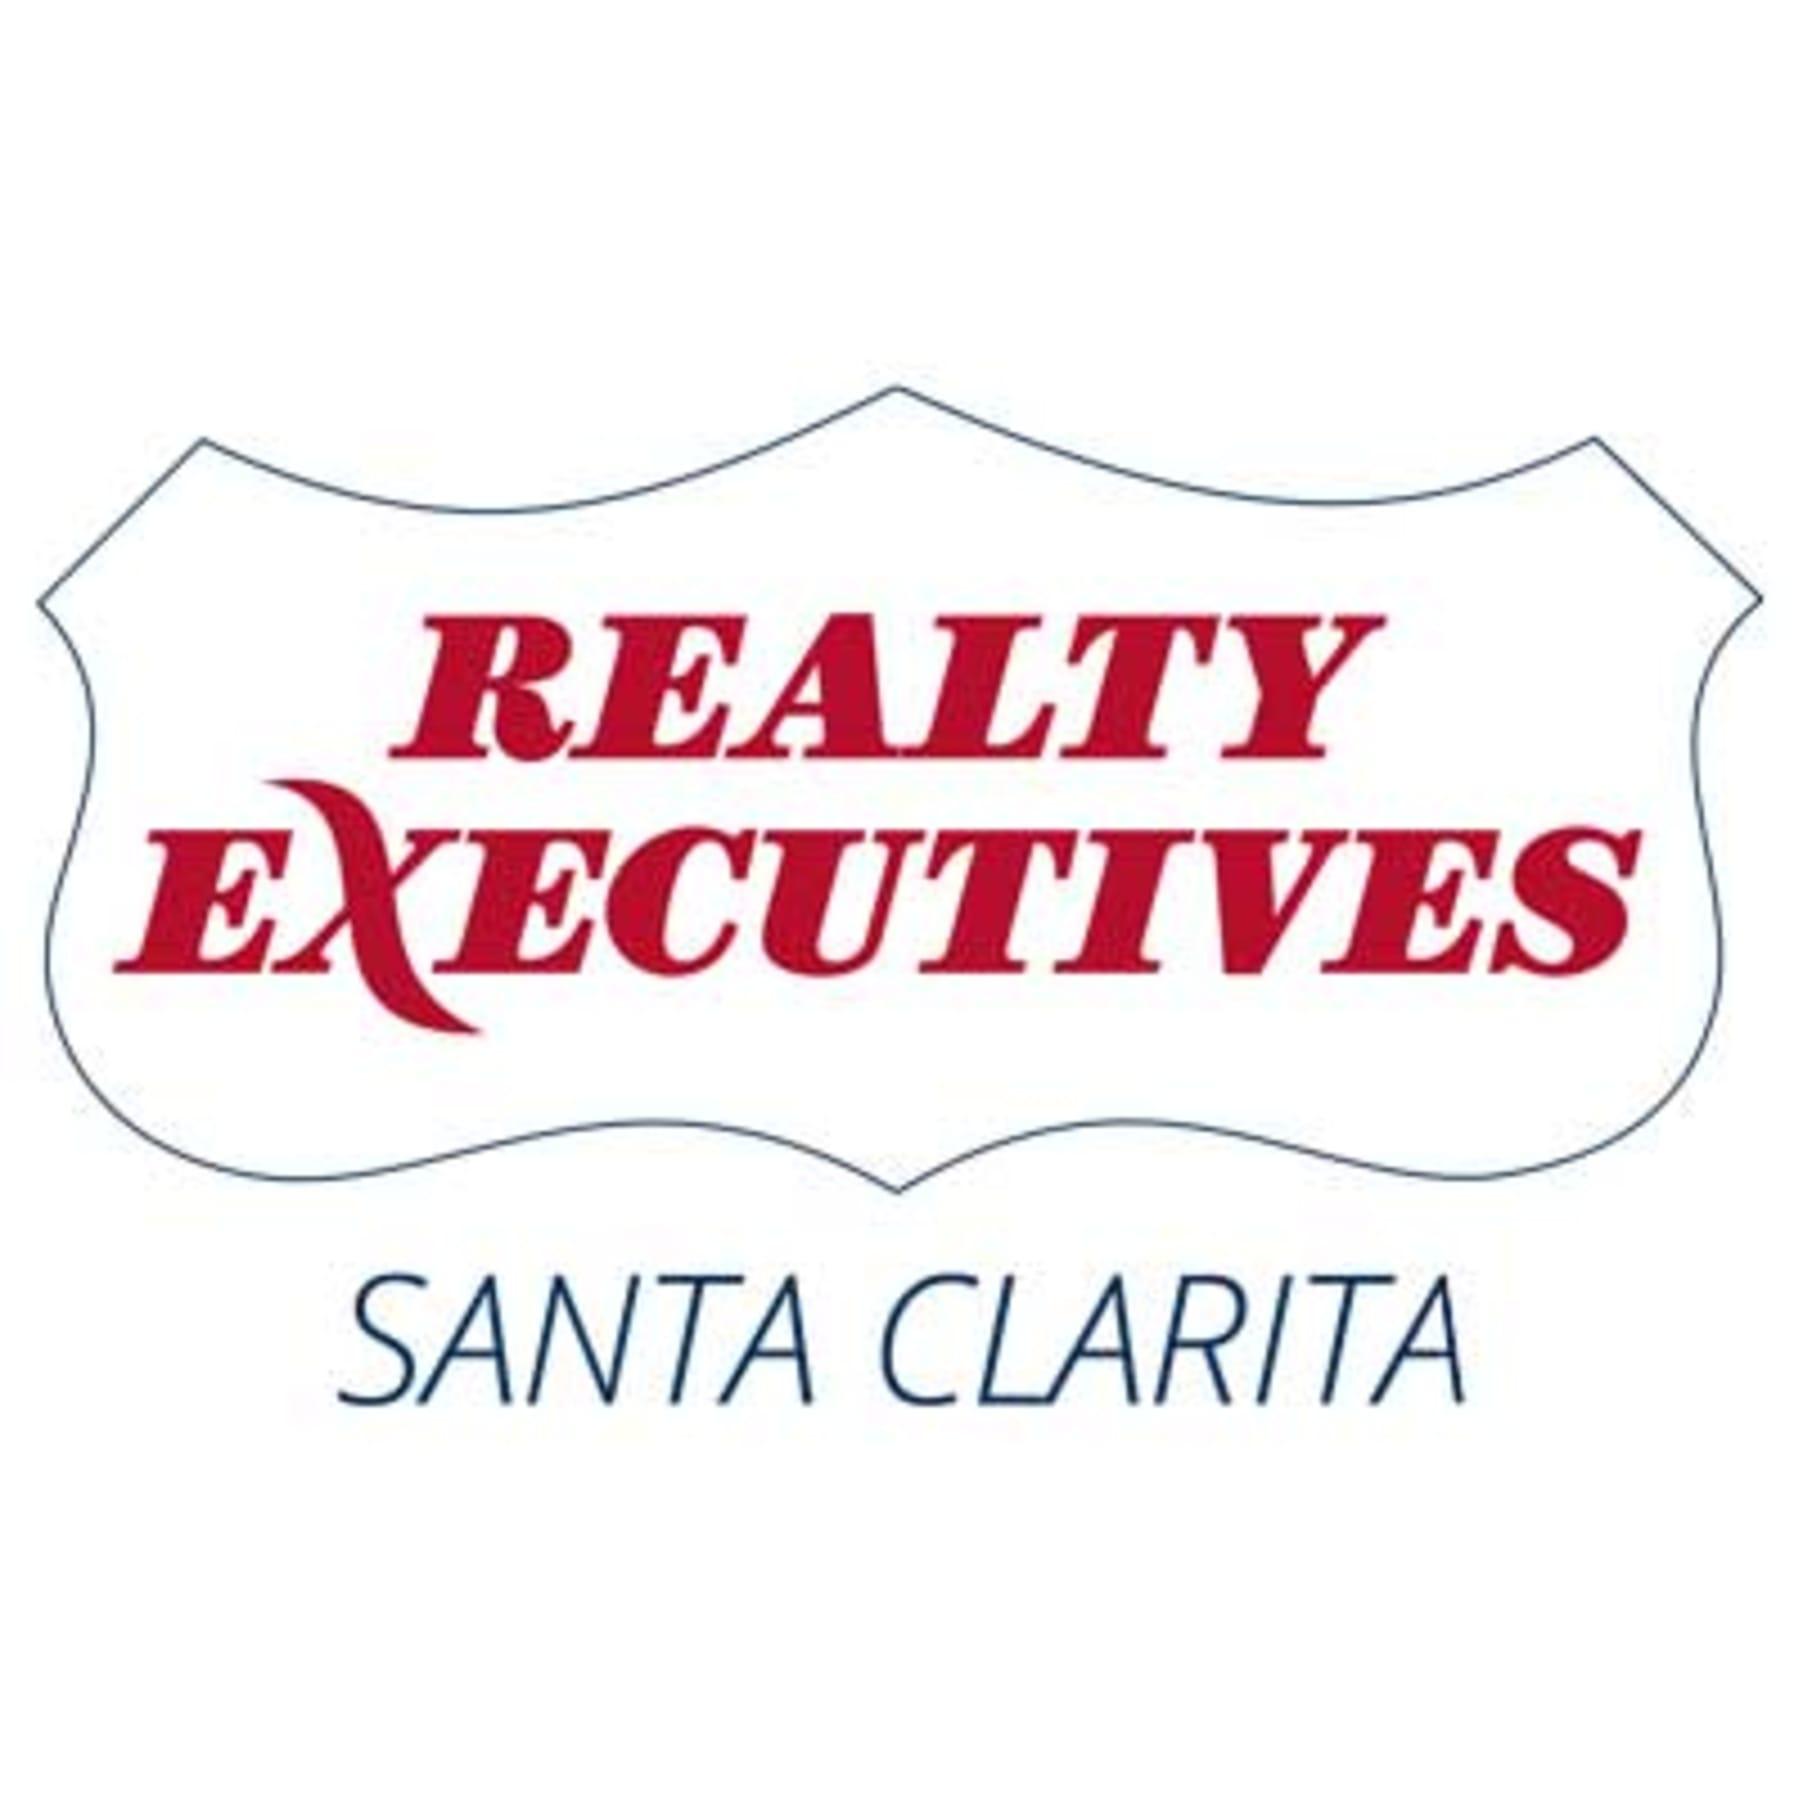 Realty Executives Santa Claritalic 01220951 01147752